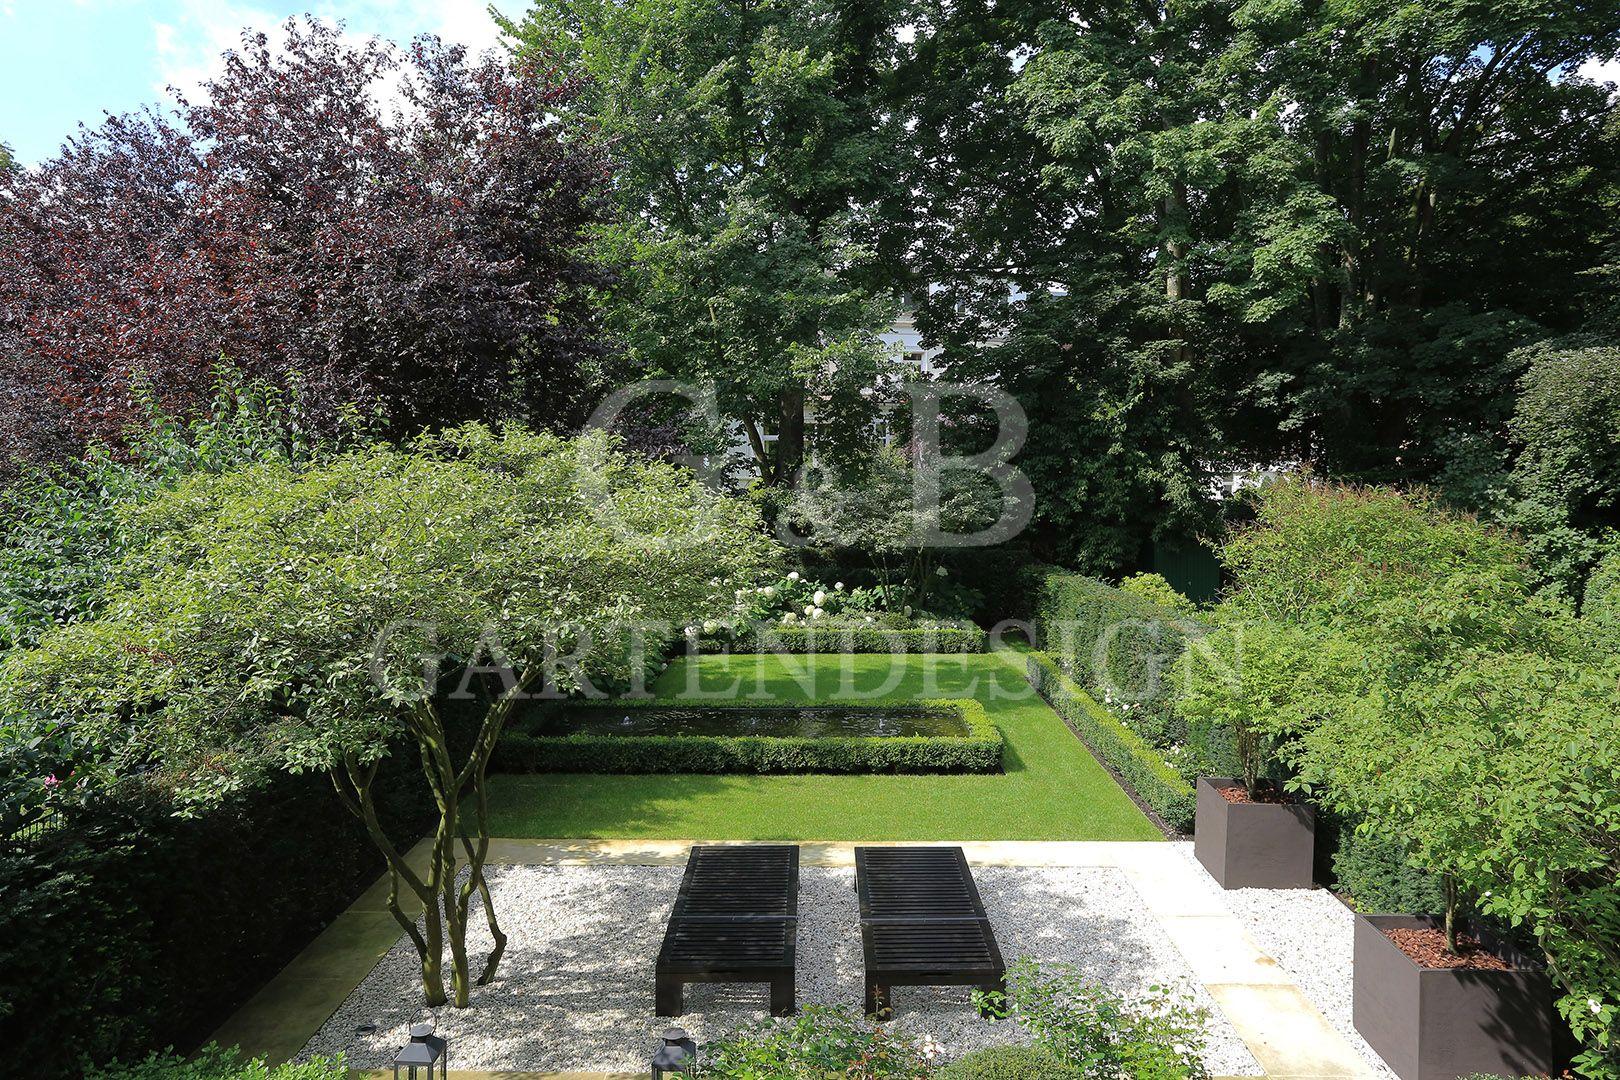 Stadtvilla Im Park Hamburg Gempp Gartendesign Garten Design Gartengestaltung Bilder Garten Landschaftsbau